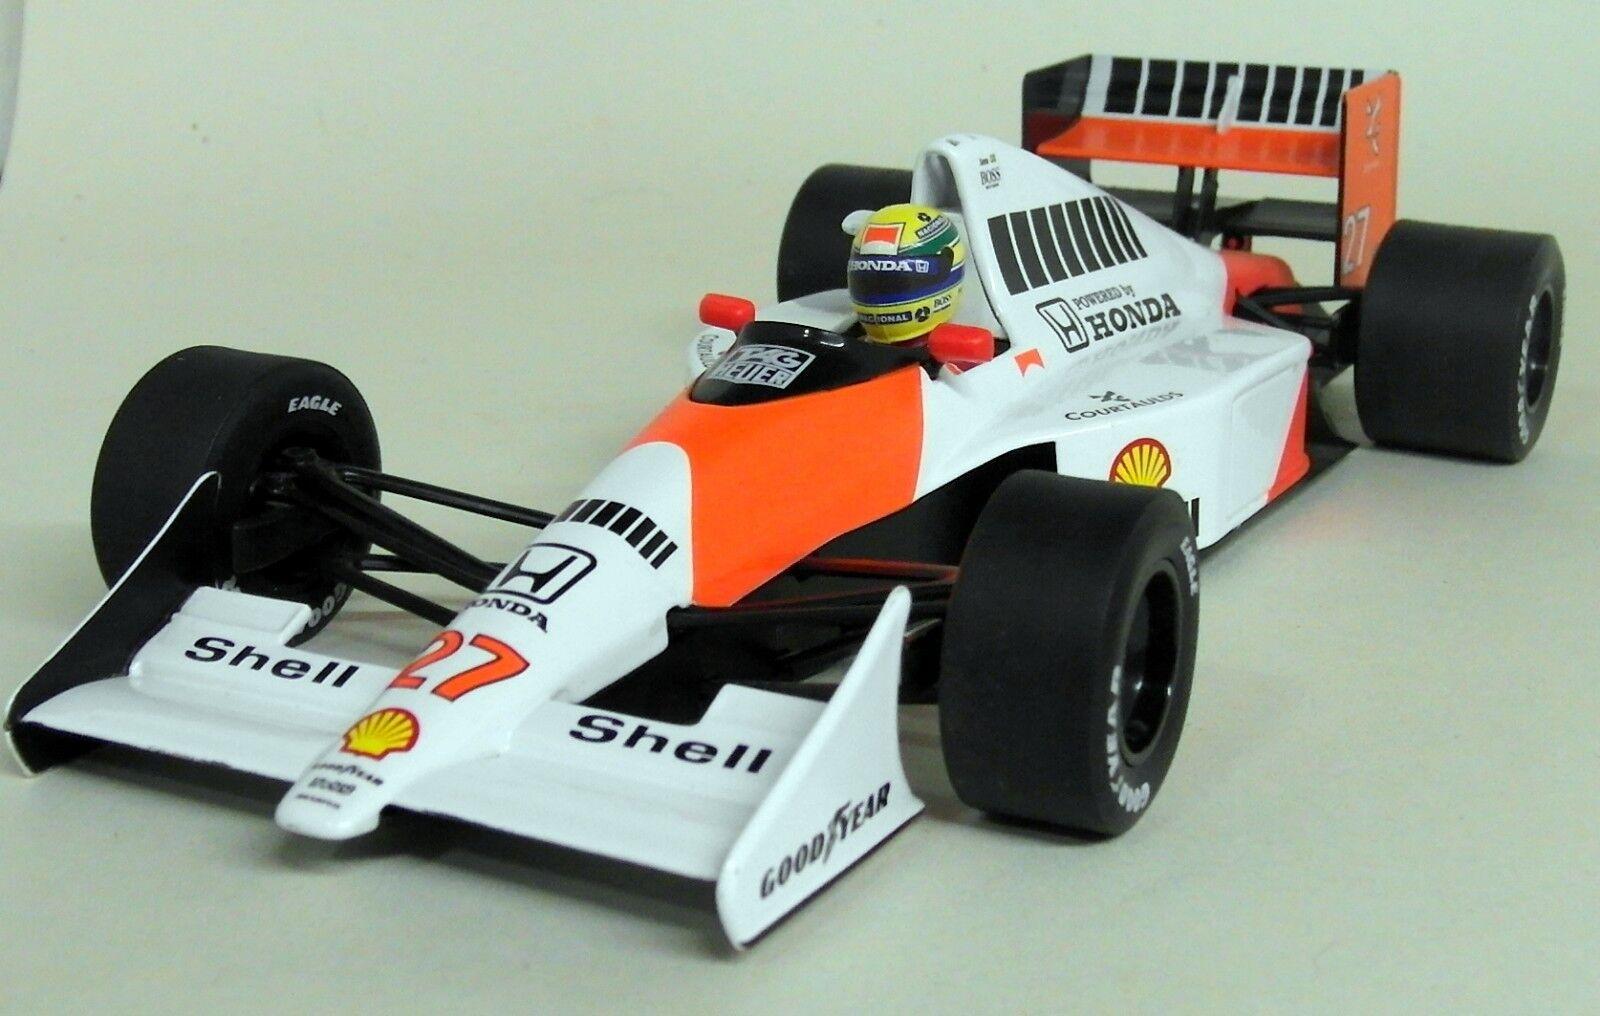 Minichamps Escala 1 18 540 901827 McLaren MP4 5B 1990 campeón del mundo Ayrton Senna